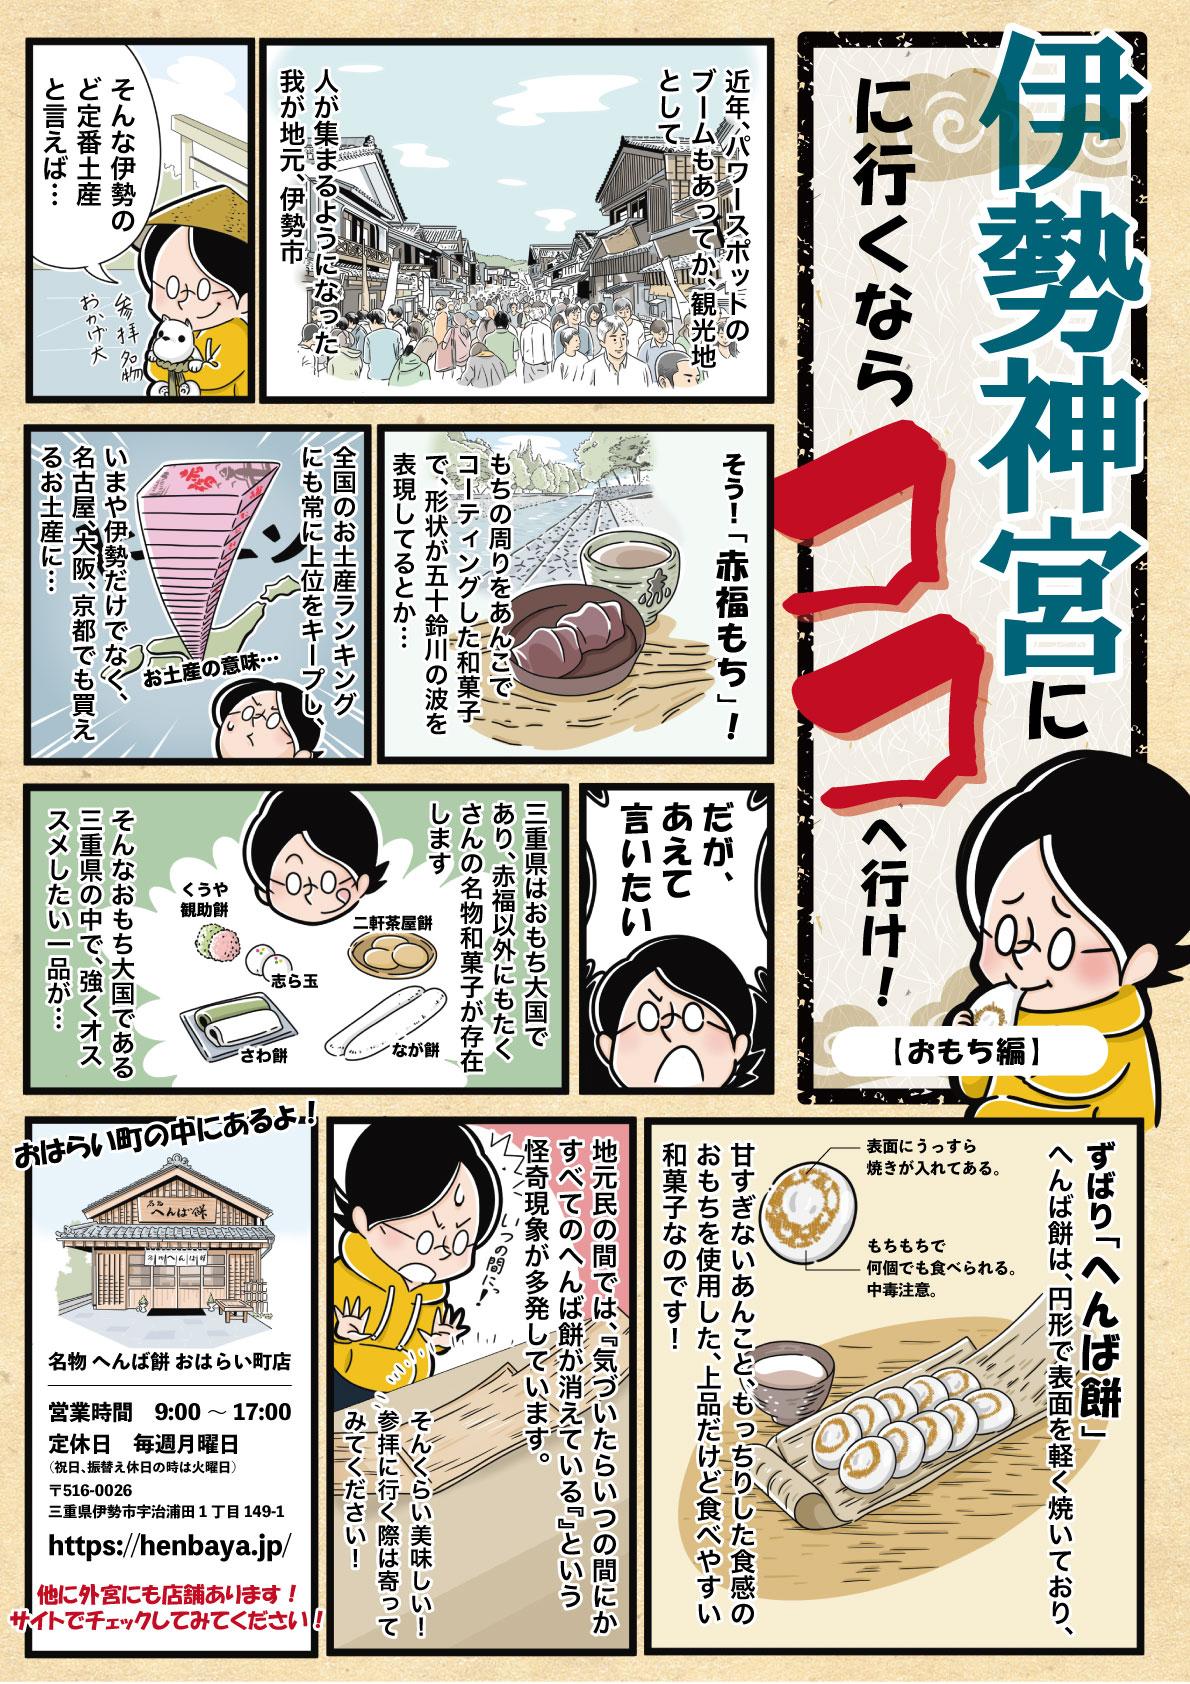 伊勢観光漫画